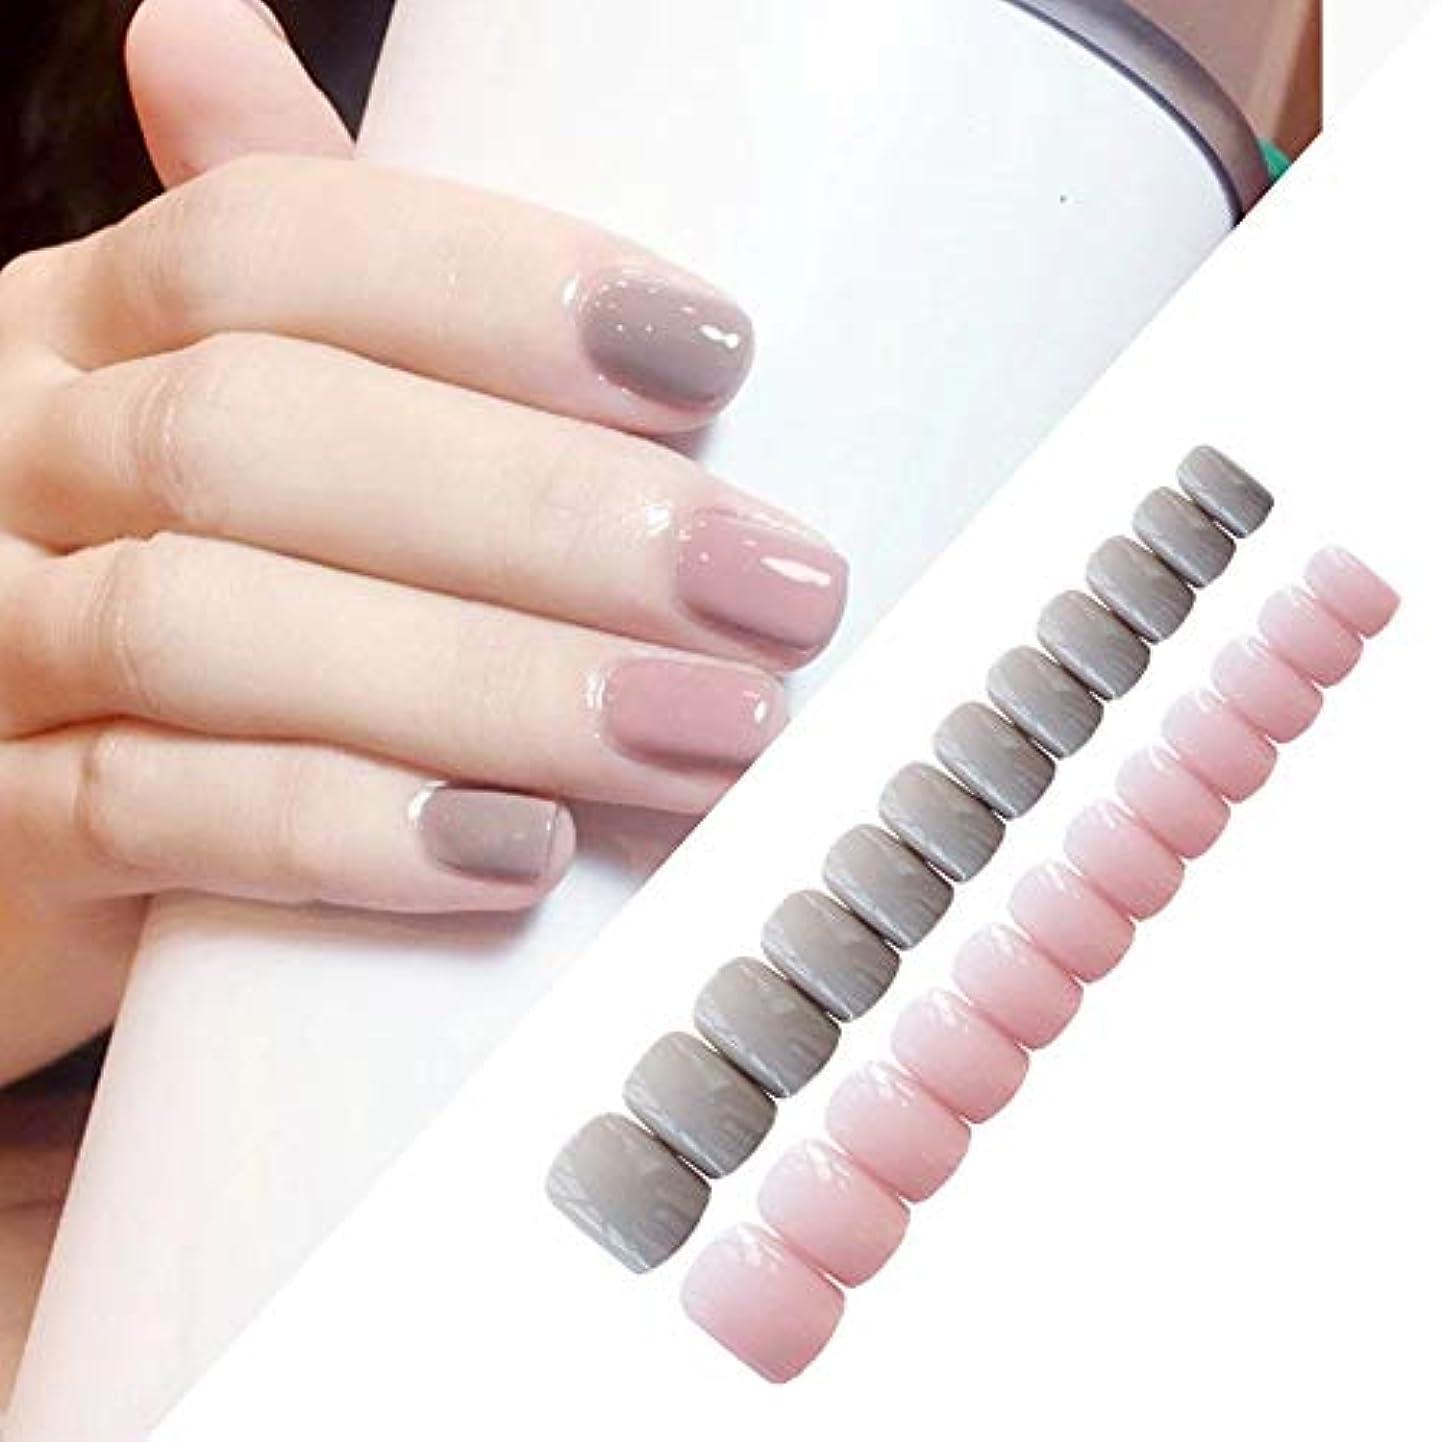 人形背景素晴らしさXUTXZKA 24個/セットライトグレーパウダースクエアヘッドソリッドカラー偽爪完成ネイルアート偽爪のヒント